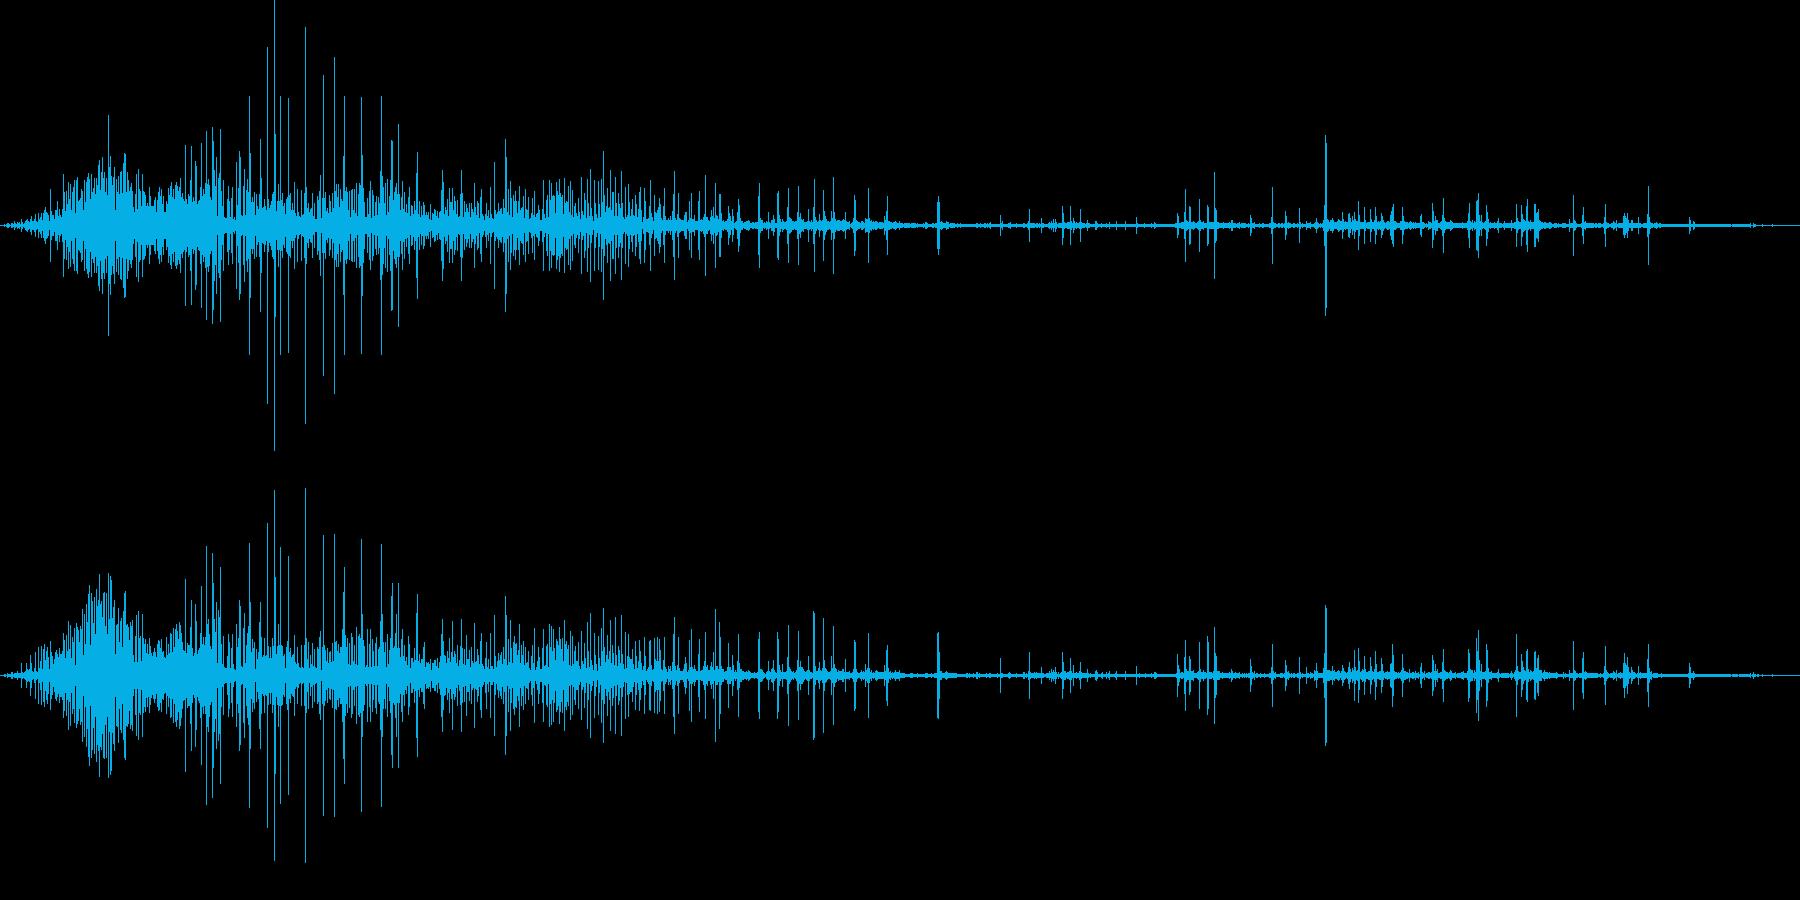 ギリギリ締め付けるような音1の再生済みの波形